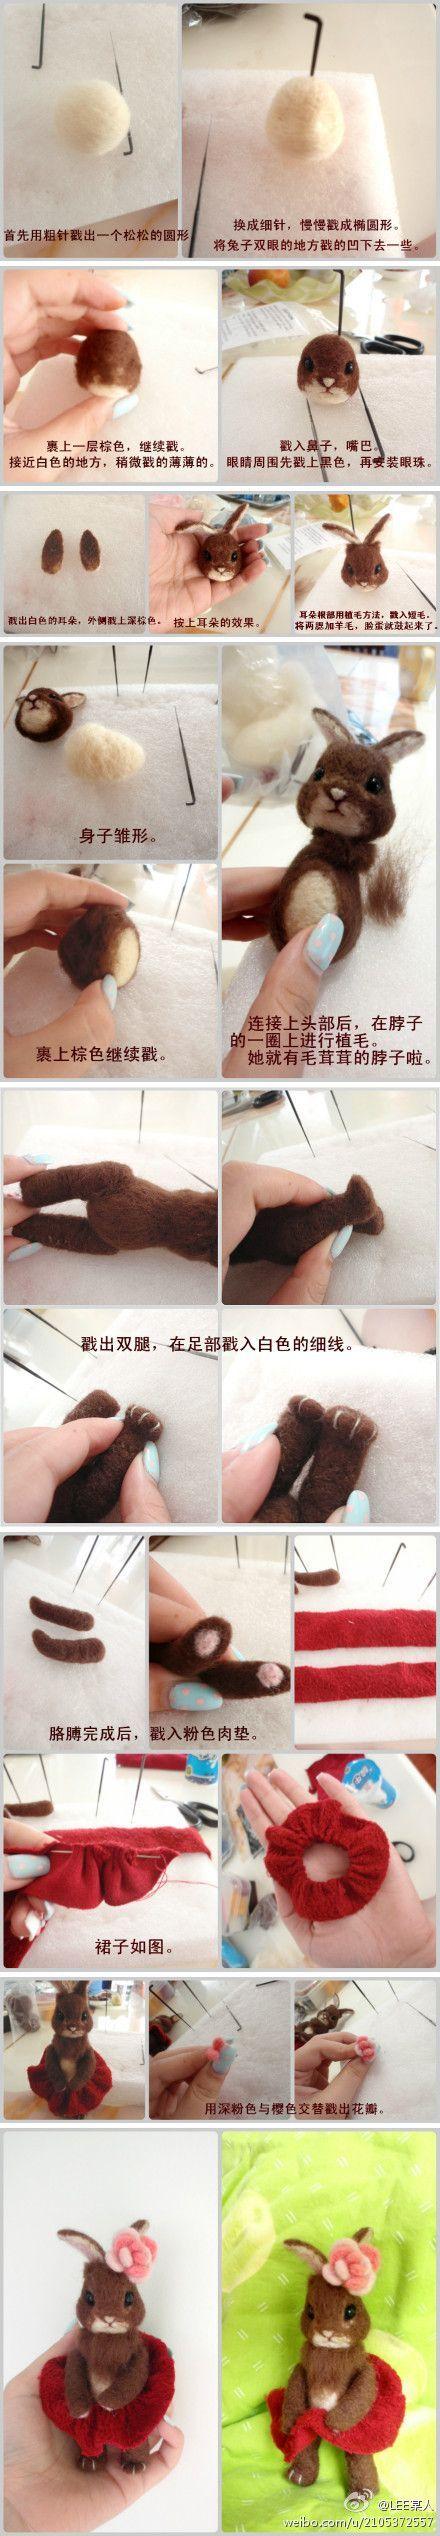 schmusehase - rabbit tutorial